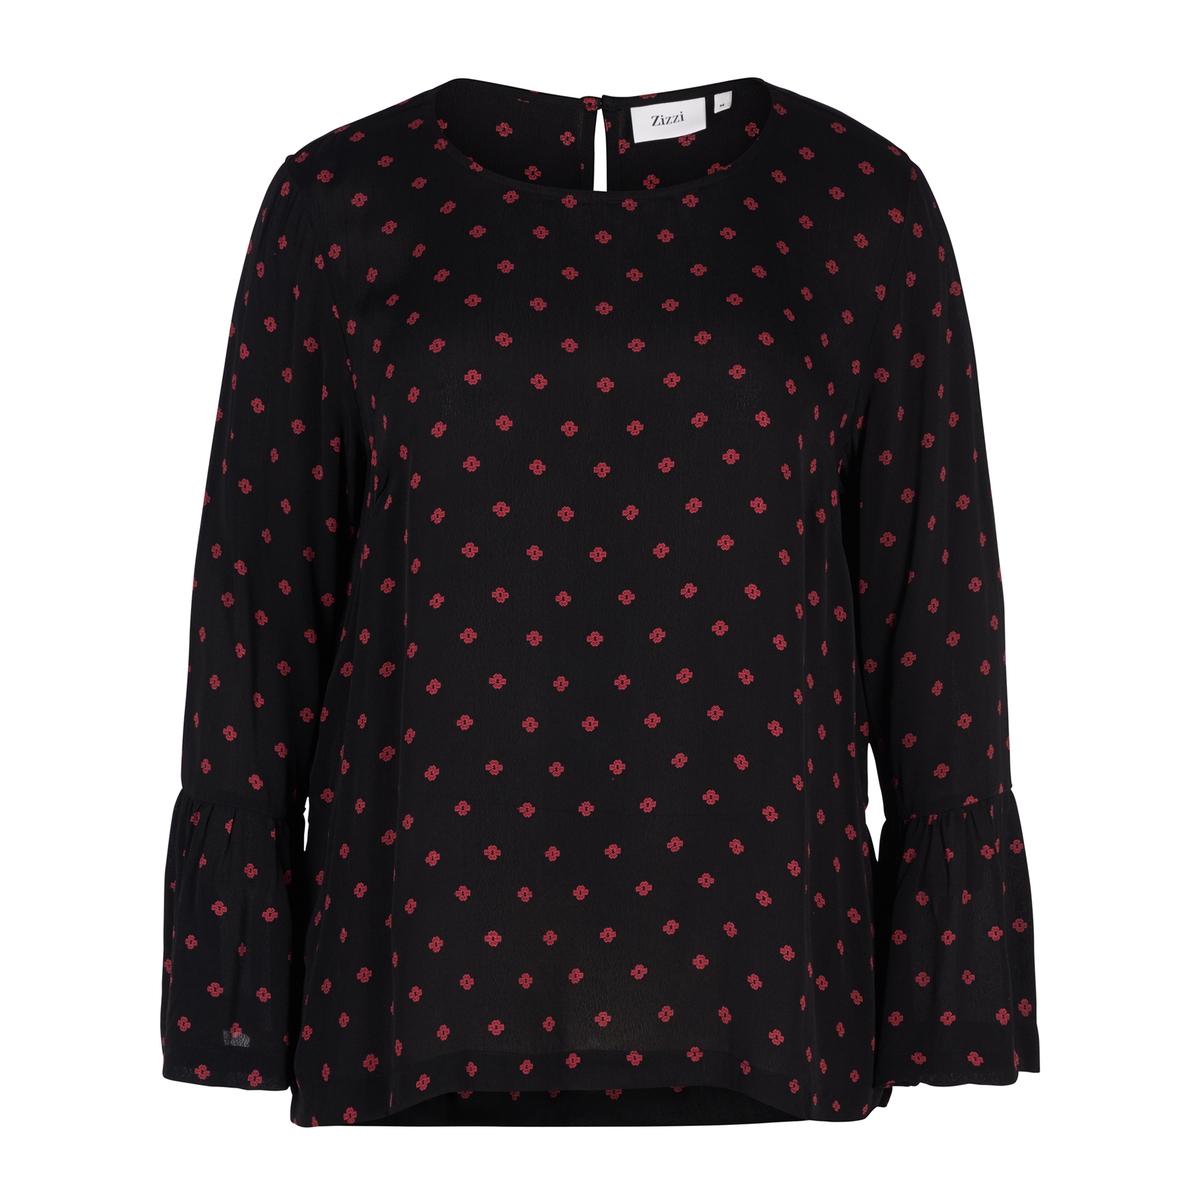 Блузка с принтом в горошек, рукава с воланами блузка с принтом